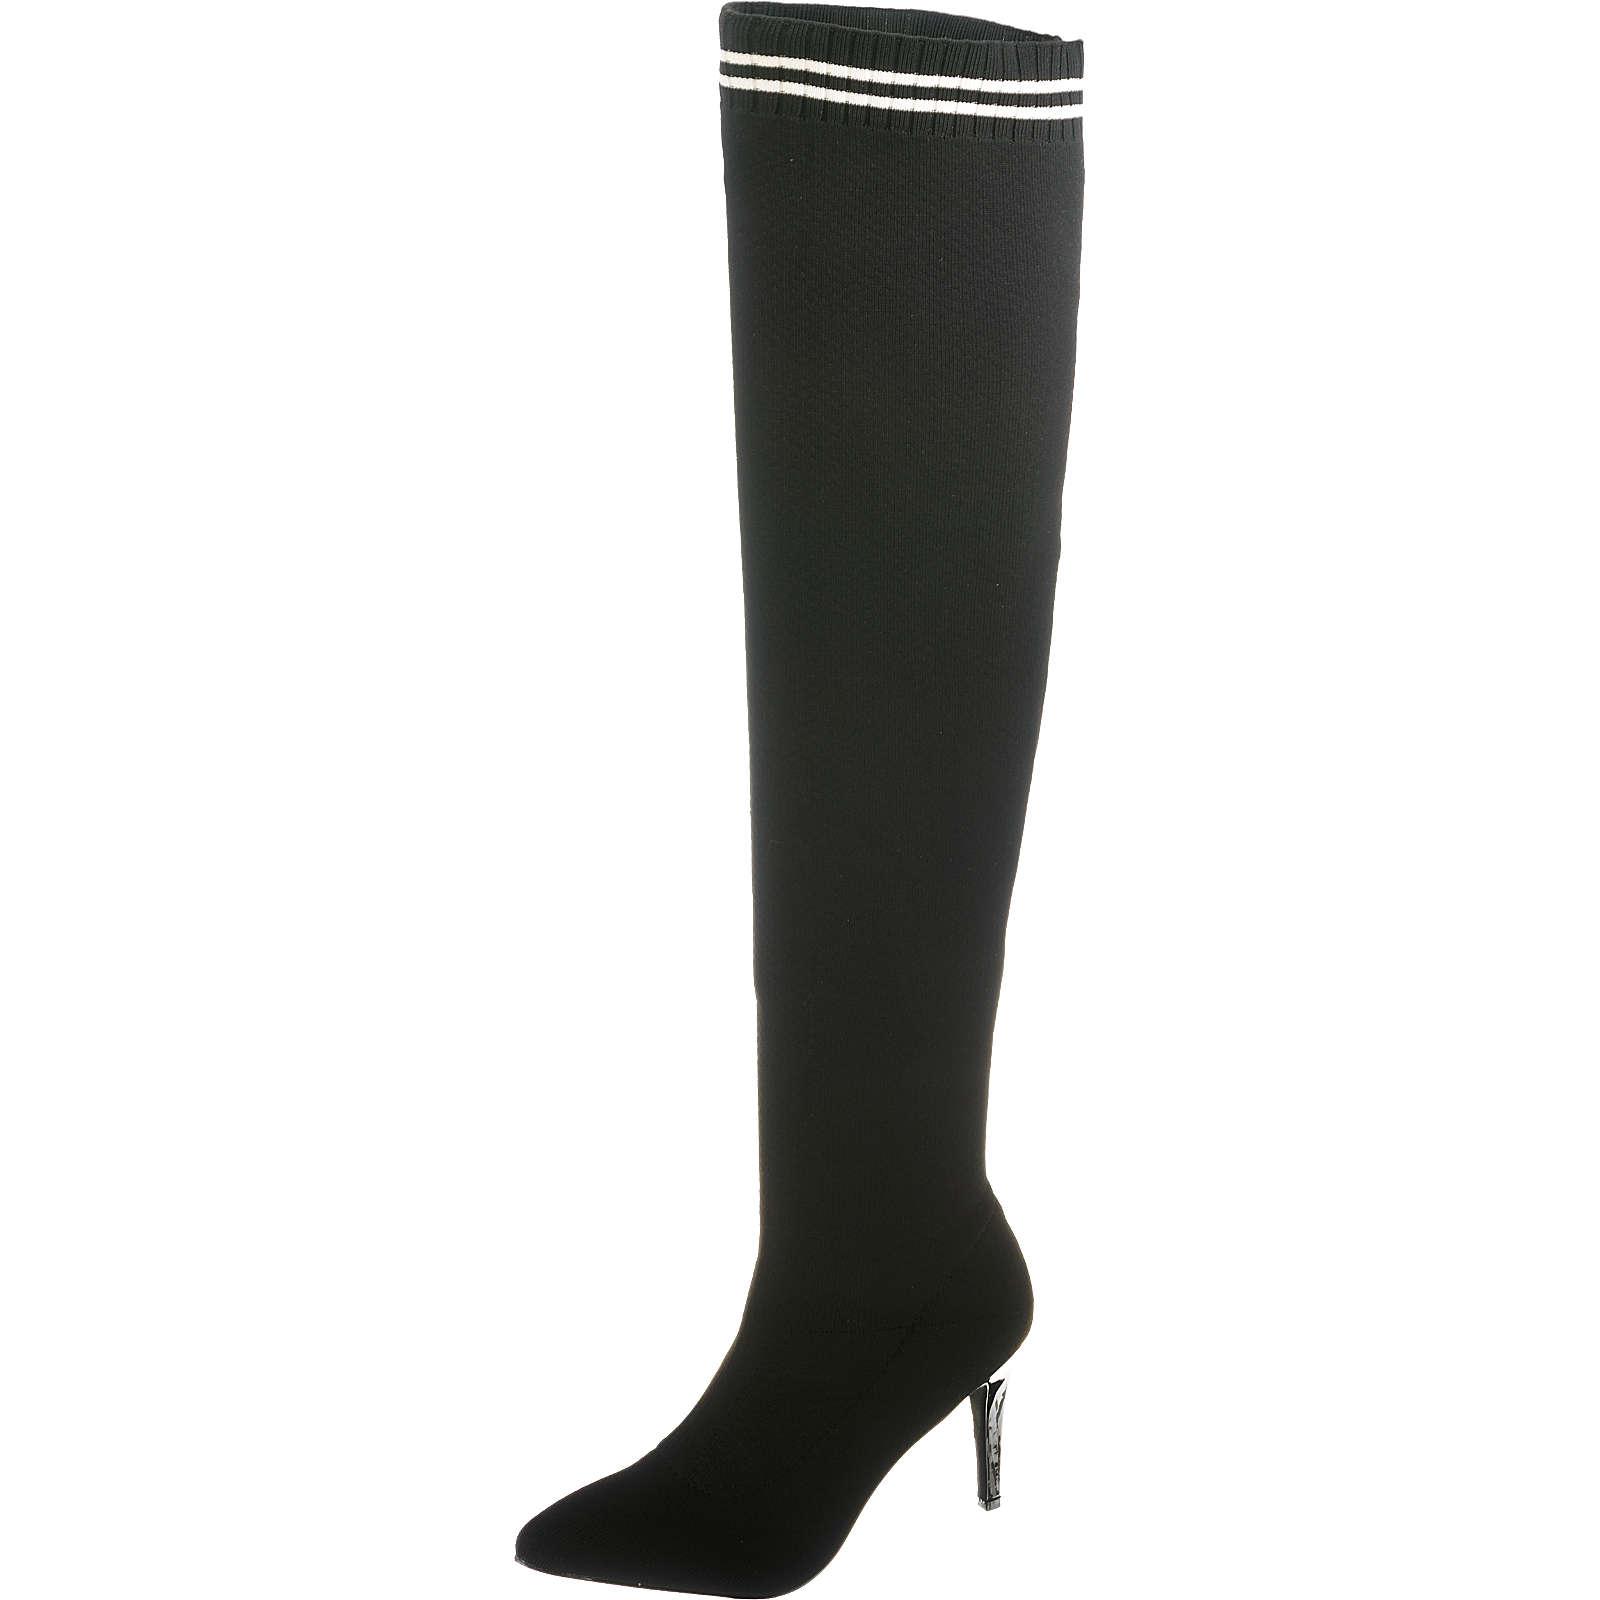 BUFFALO Overknee-Stiefel schwarz Damen Gr. 39